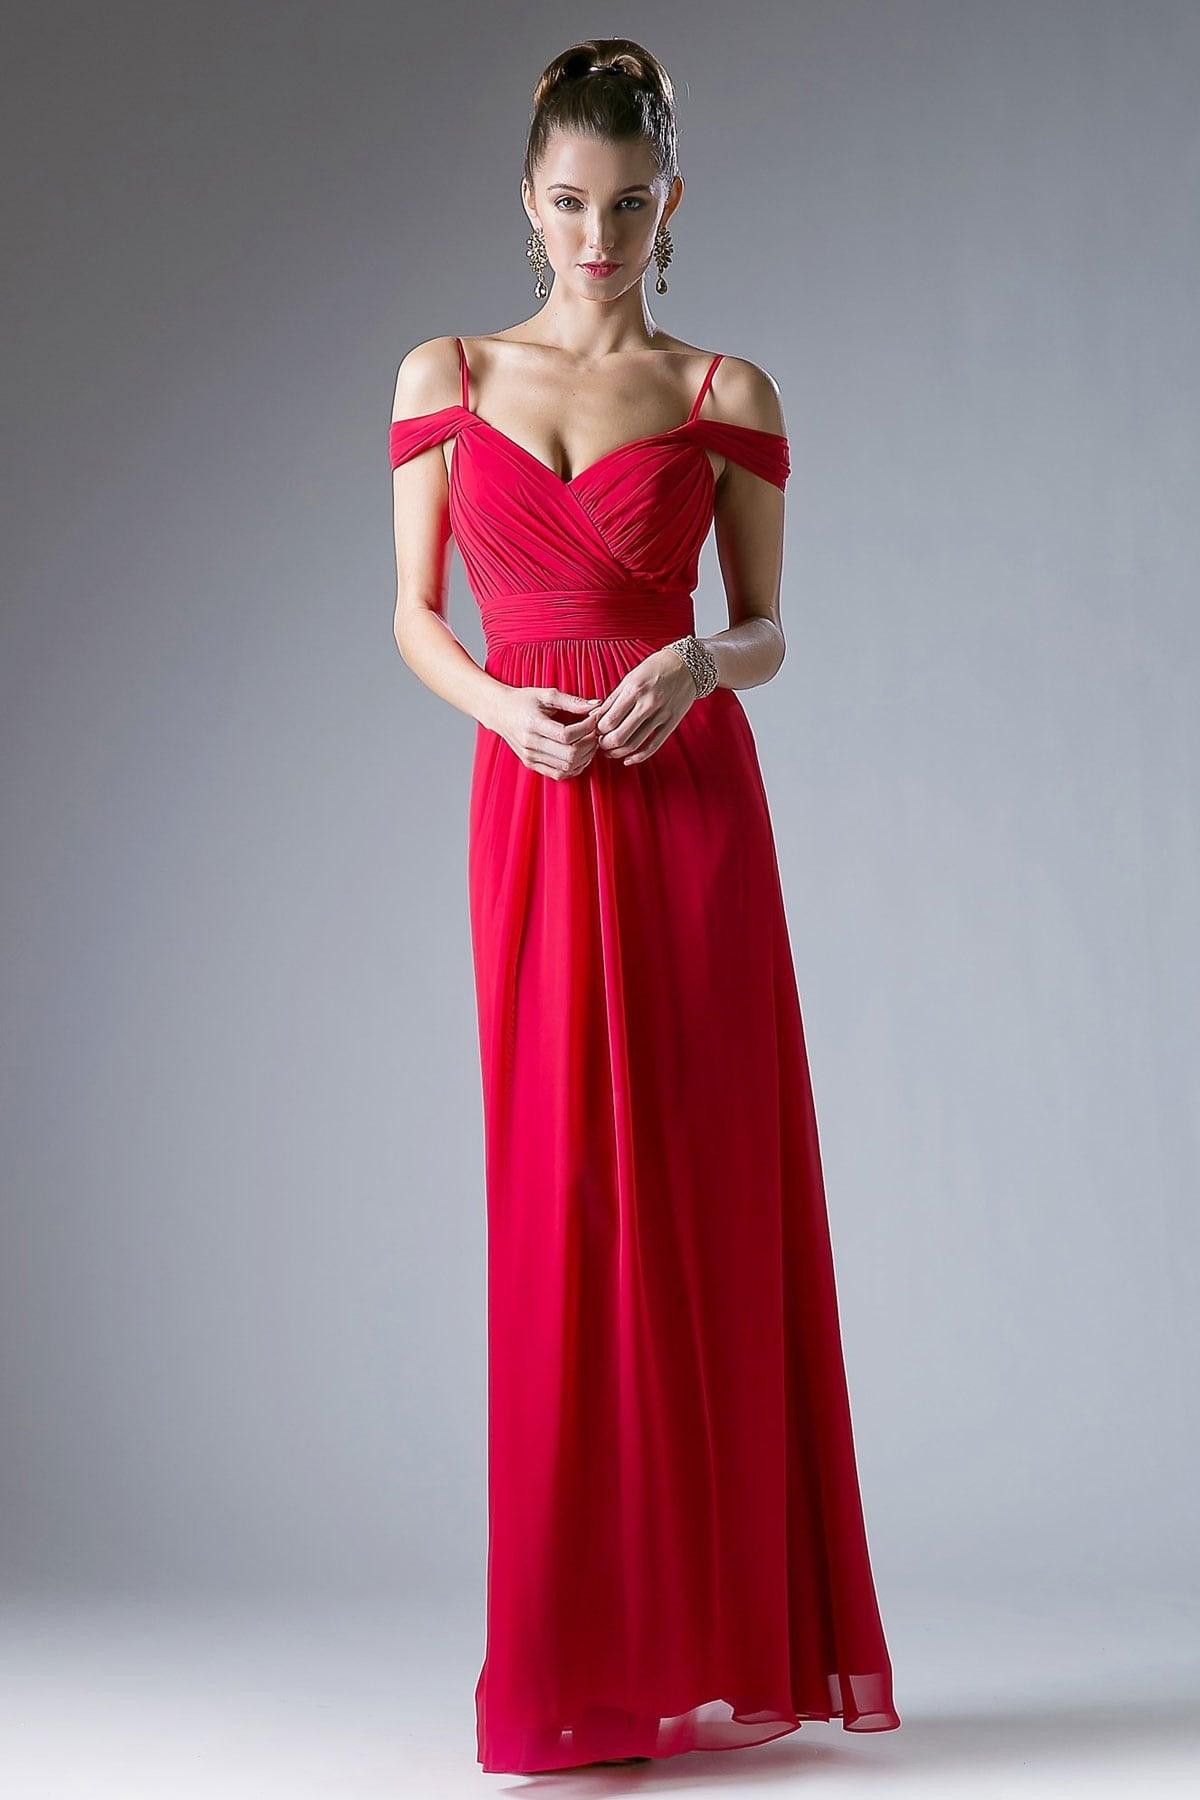 Designer Elegant Türkische Abendkleider Online Shop SpezialgebietAbend Cool Türkische Abendkleider Online Shop Ärmel